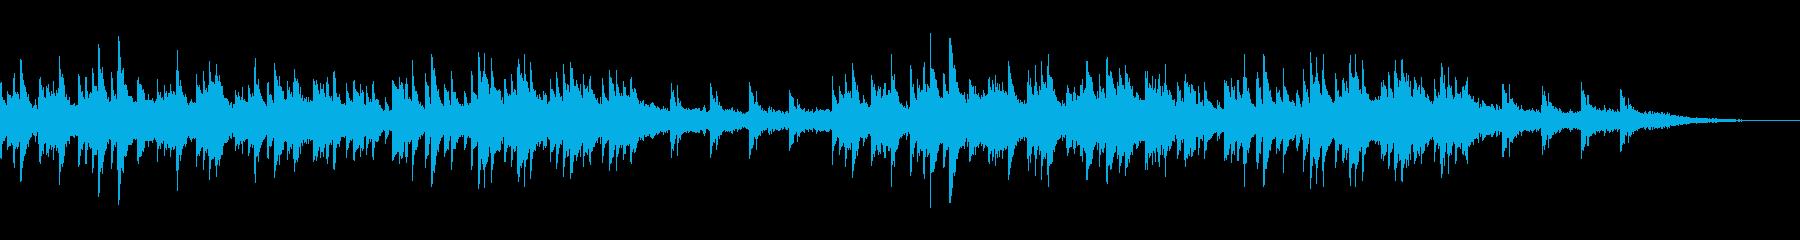 ホラー・サスペンス暗いバラードの再生済みの波形